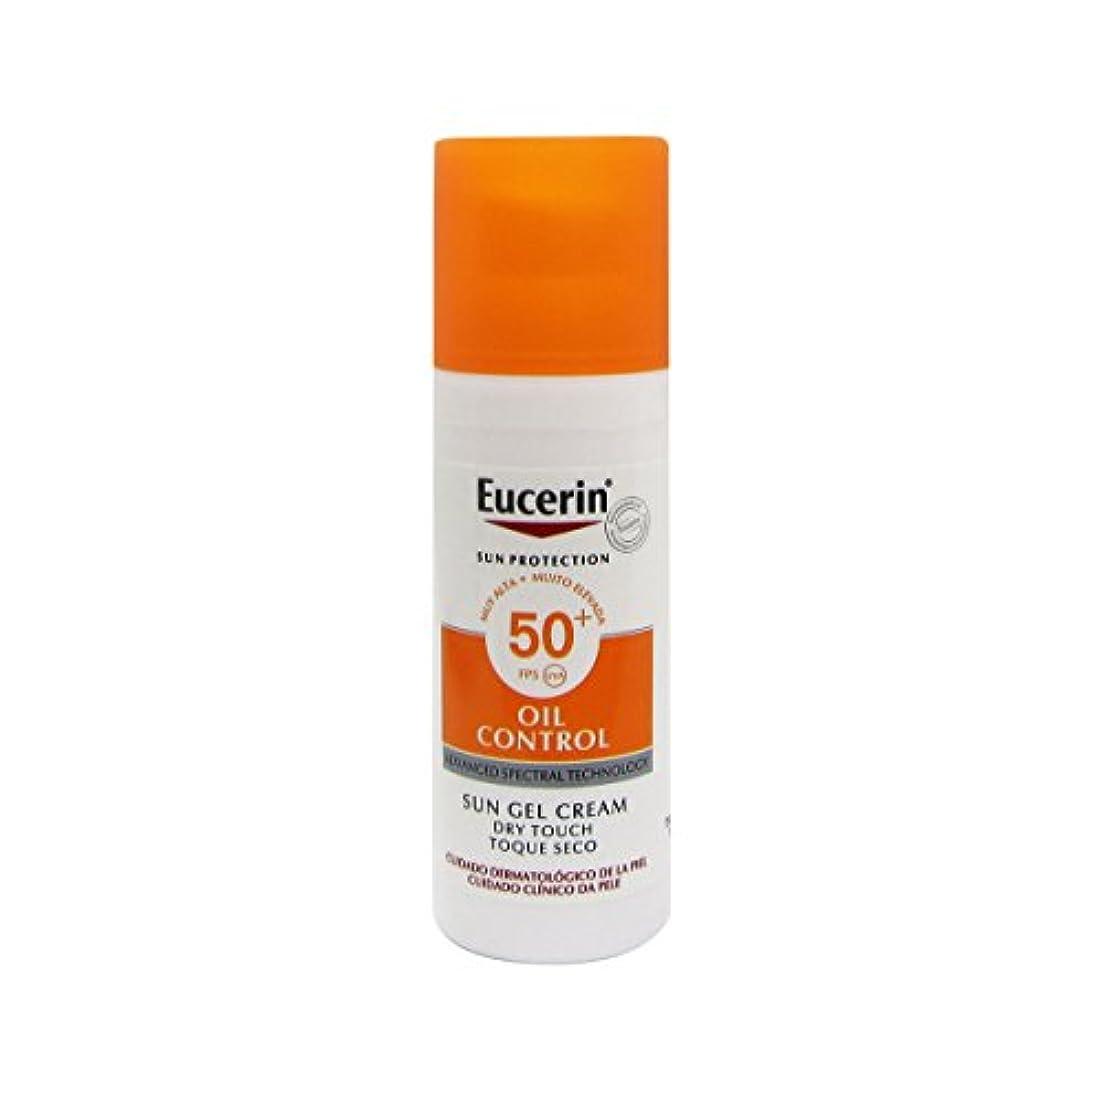 疑問を超えて村消化Eucerin Sun Face Oil Control Gel-cream Spf50 50ml [並行輸入品]